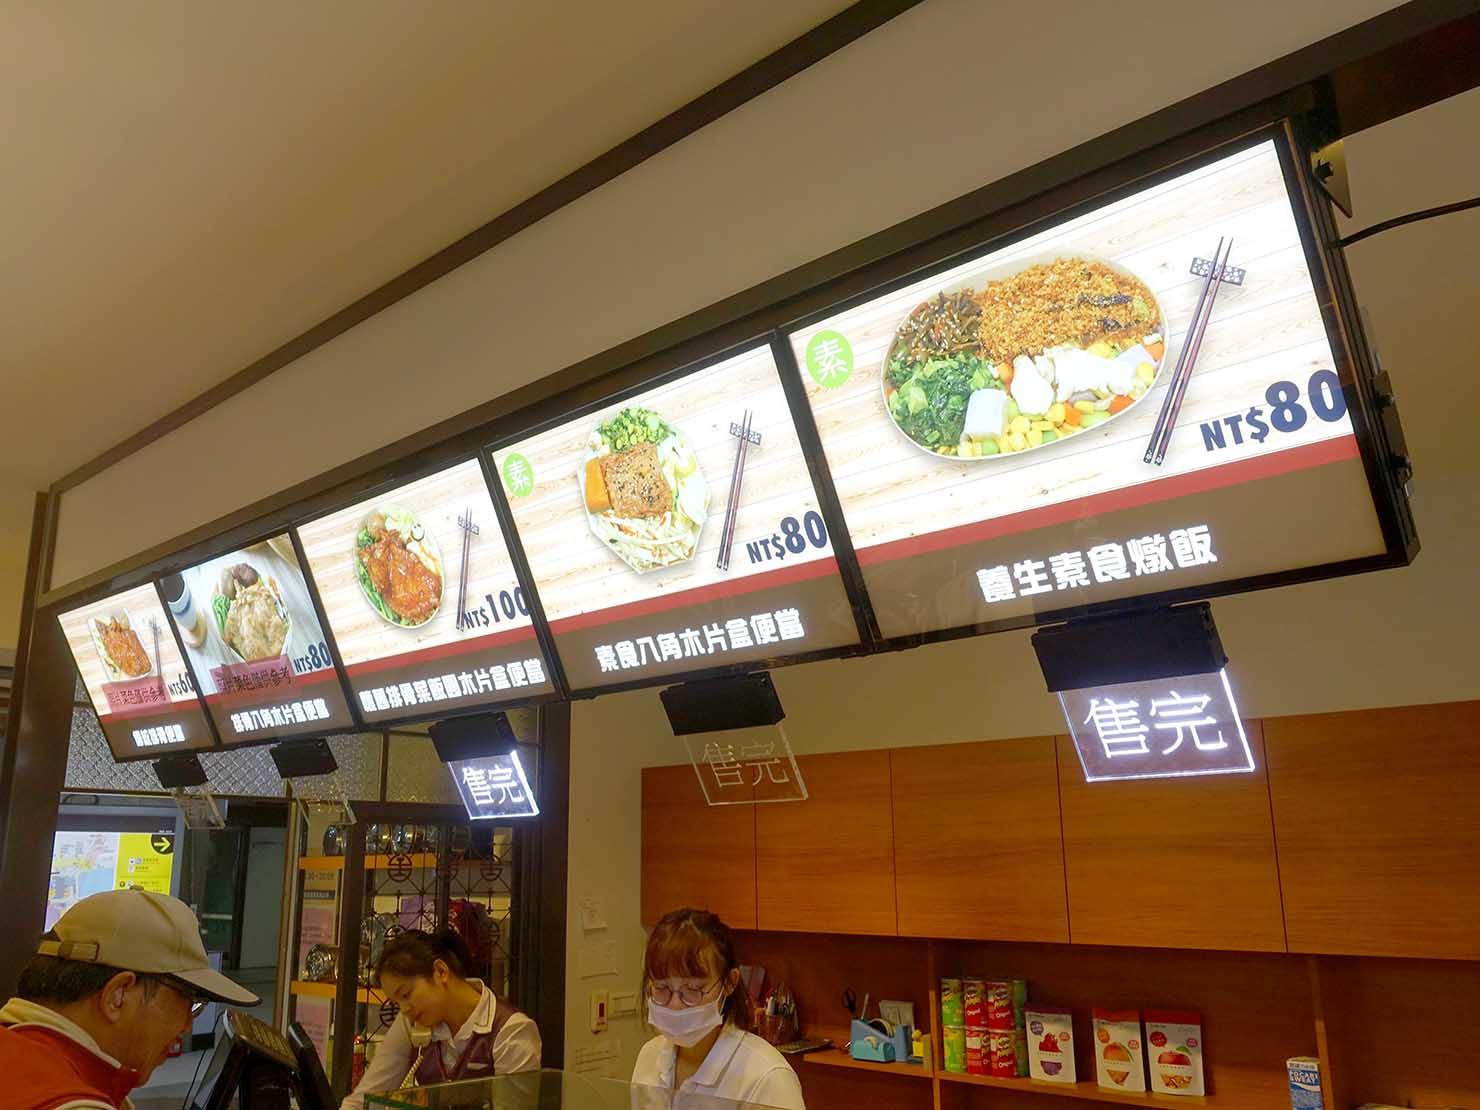 台北駅構内にある台湾版鉄道弁当のお店「台鐵便當本舗」のメニュー